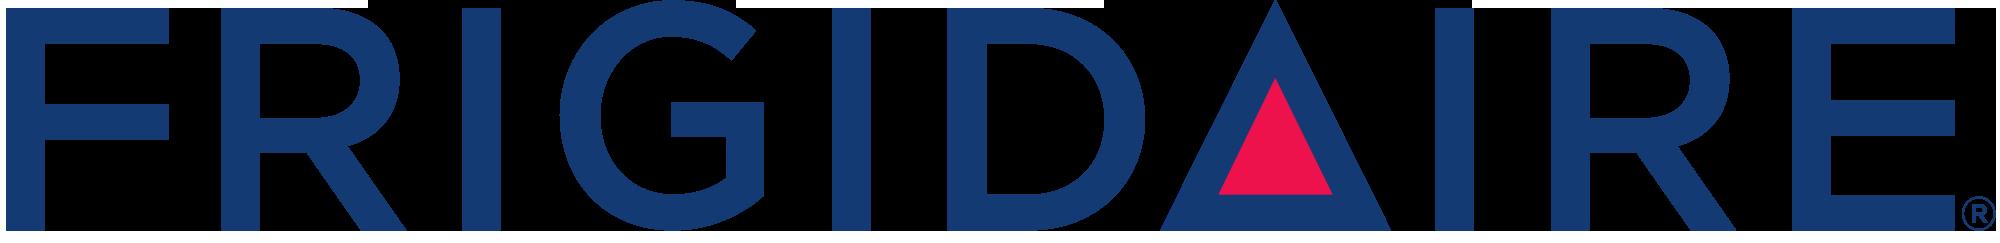 frigidaire-logo-g